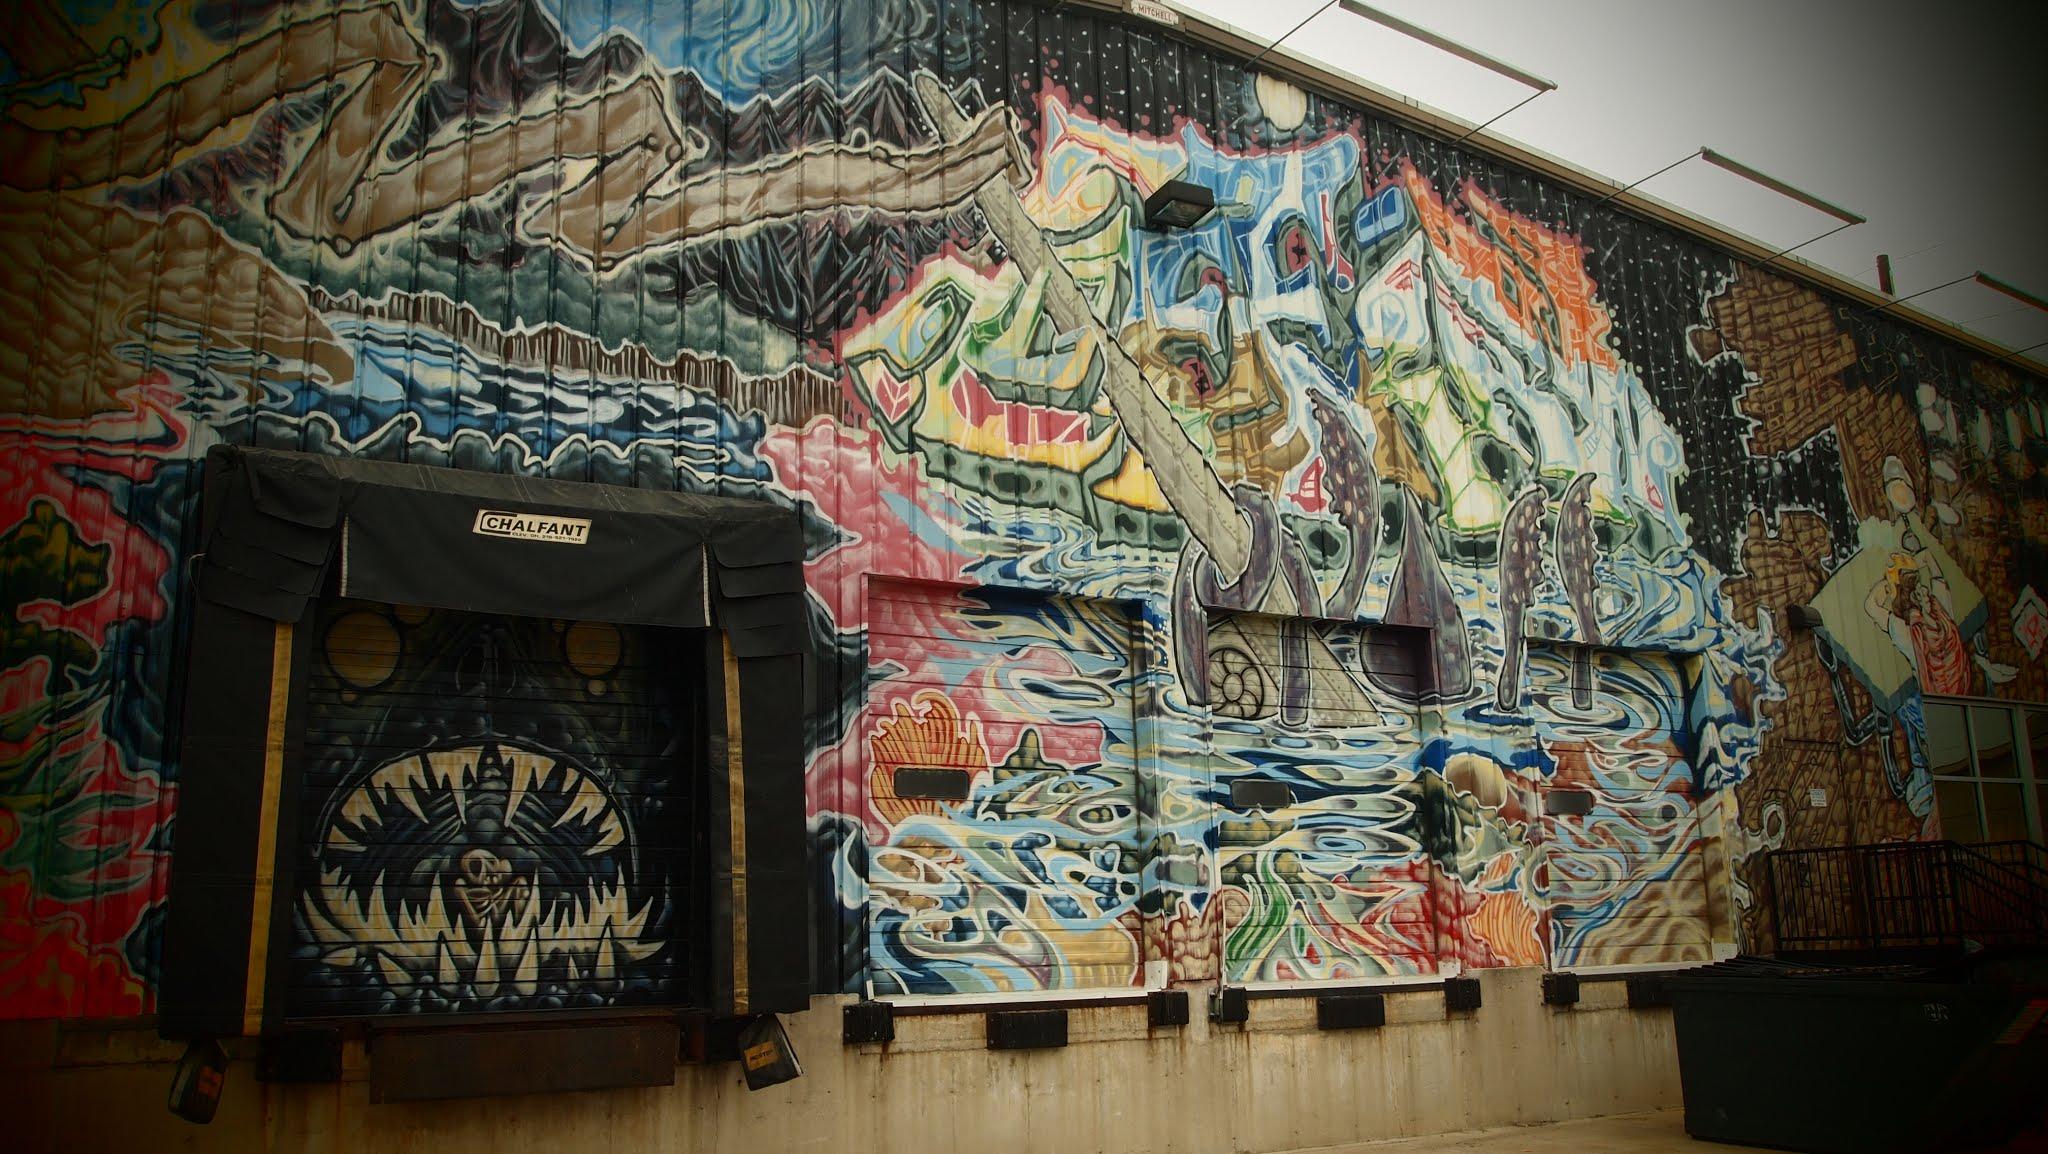 Mural Graffiti Hiawatha Iowa